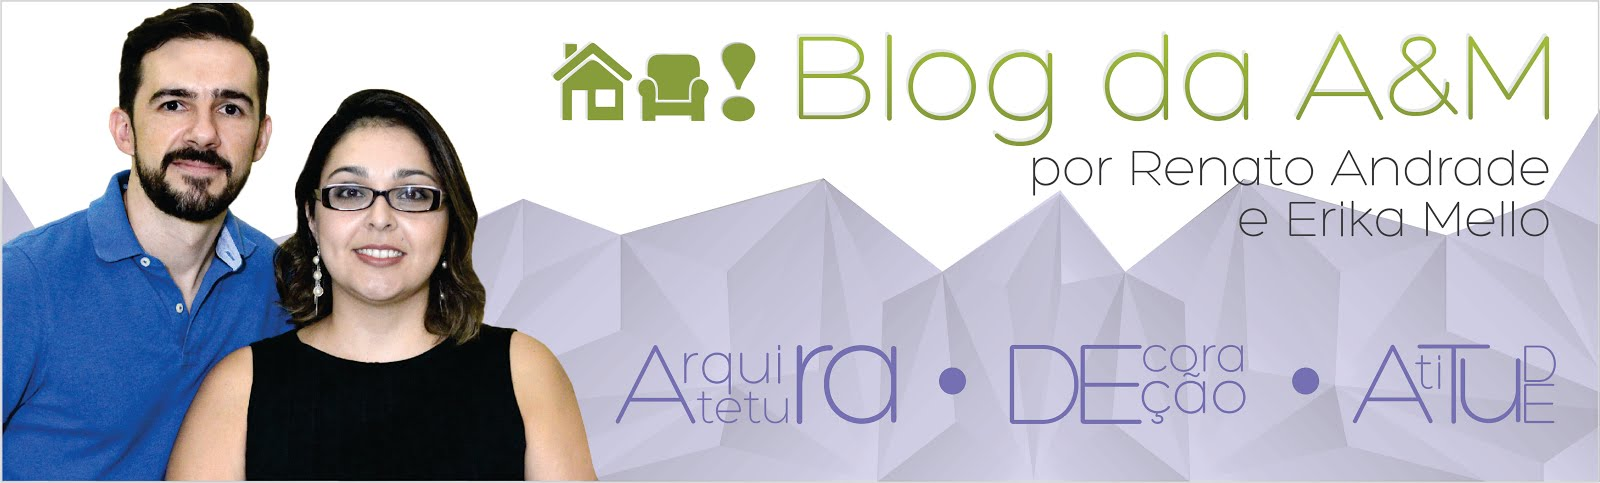 Blog da A&M